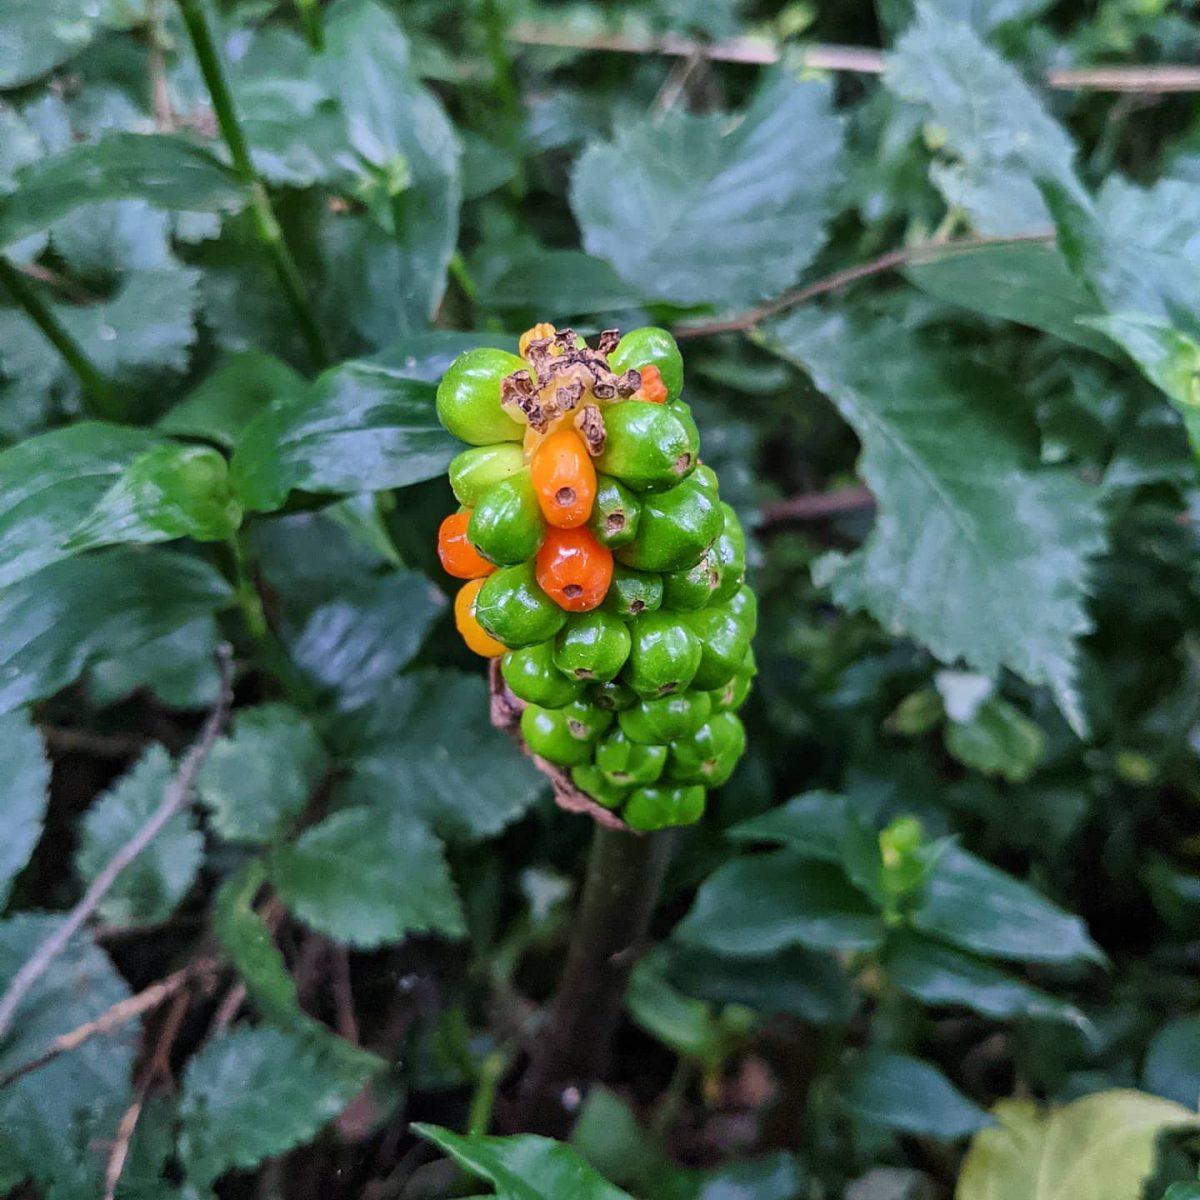 Italian Arum Lily (<em>Arum italicum</em>)